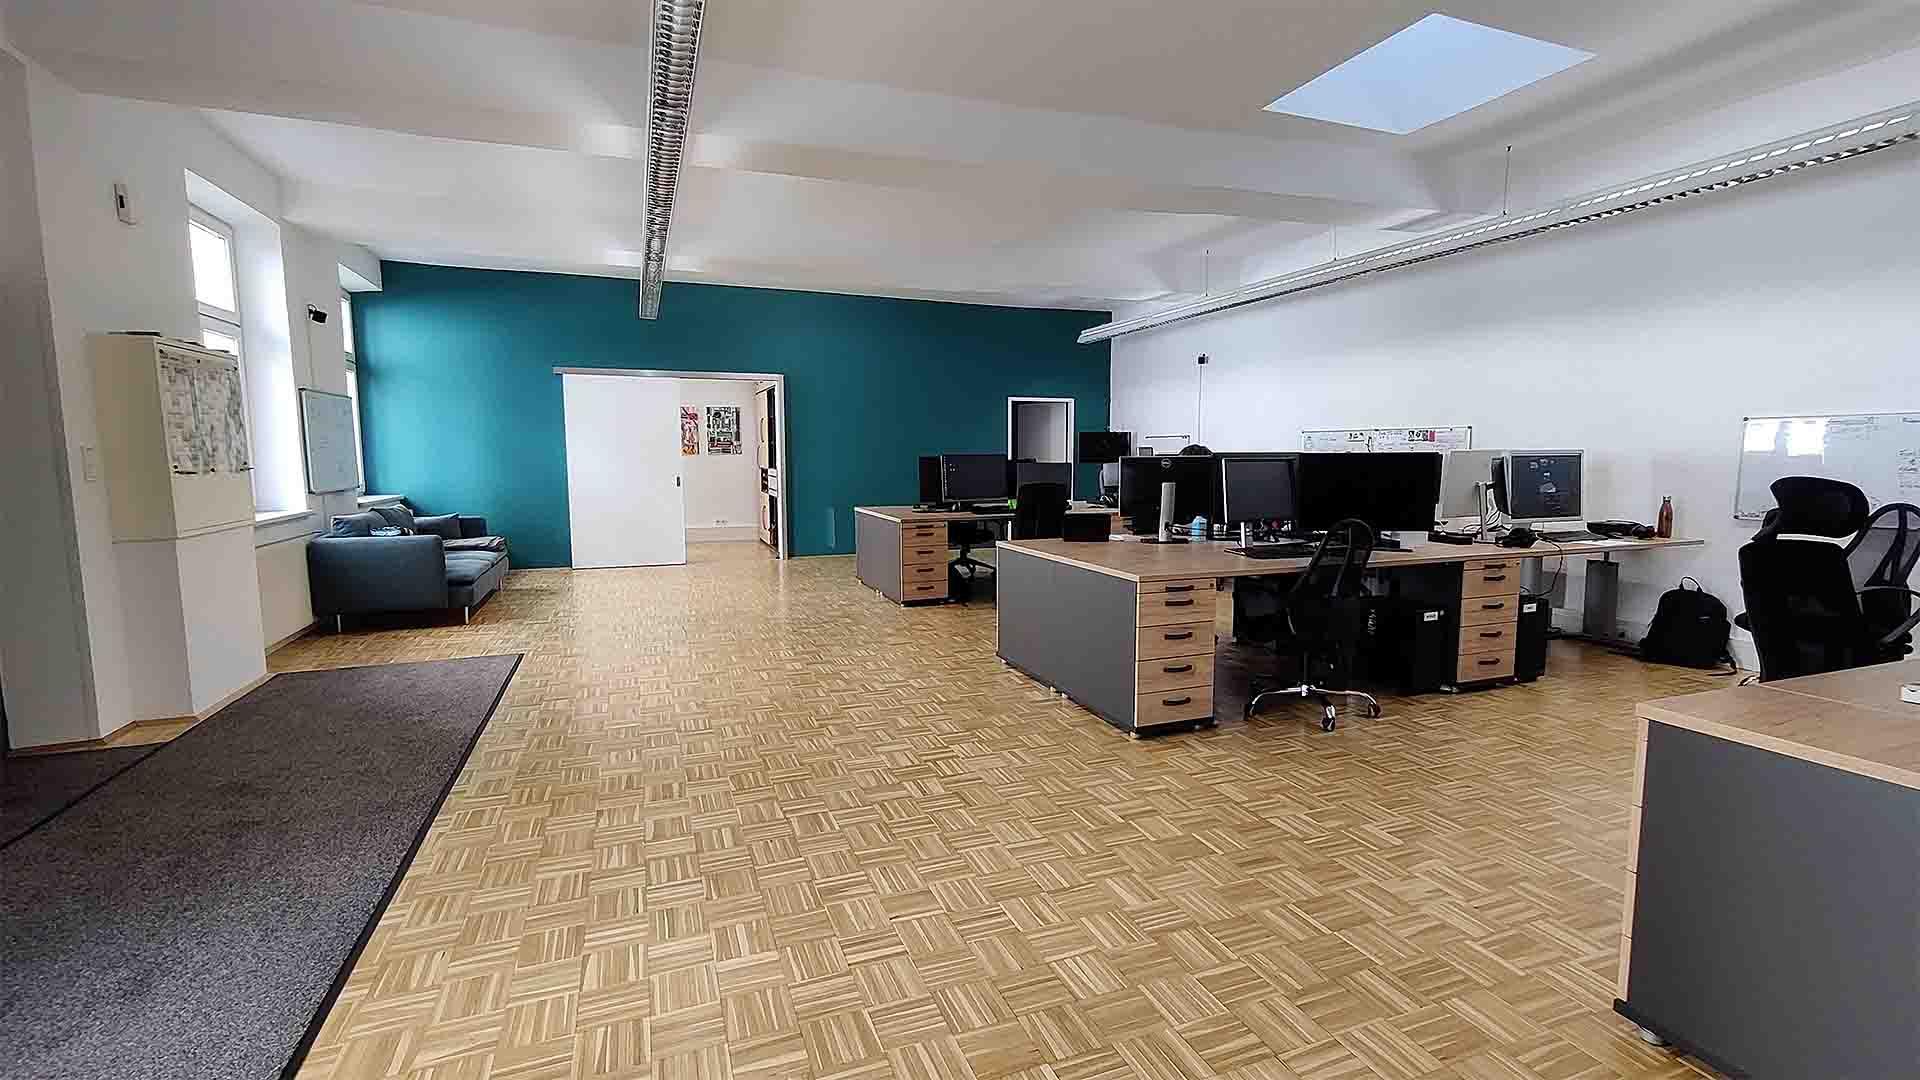 Mediasquad Büro Schreibtische mit PCs